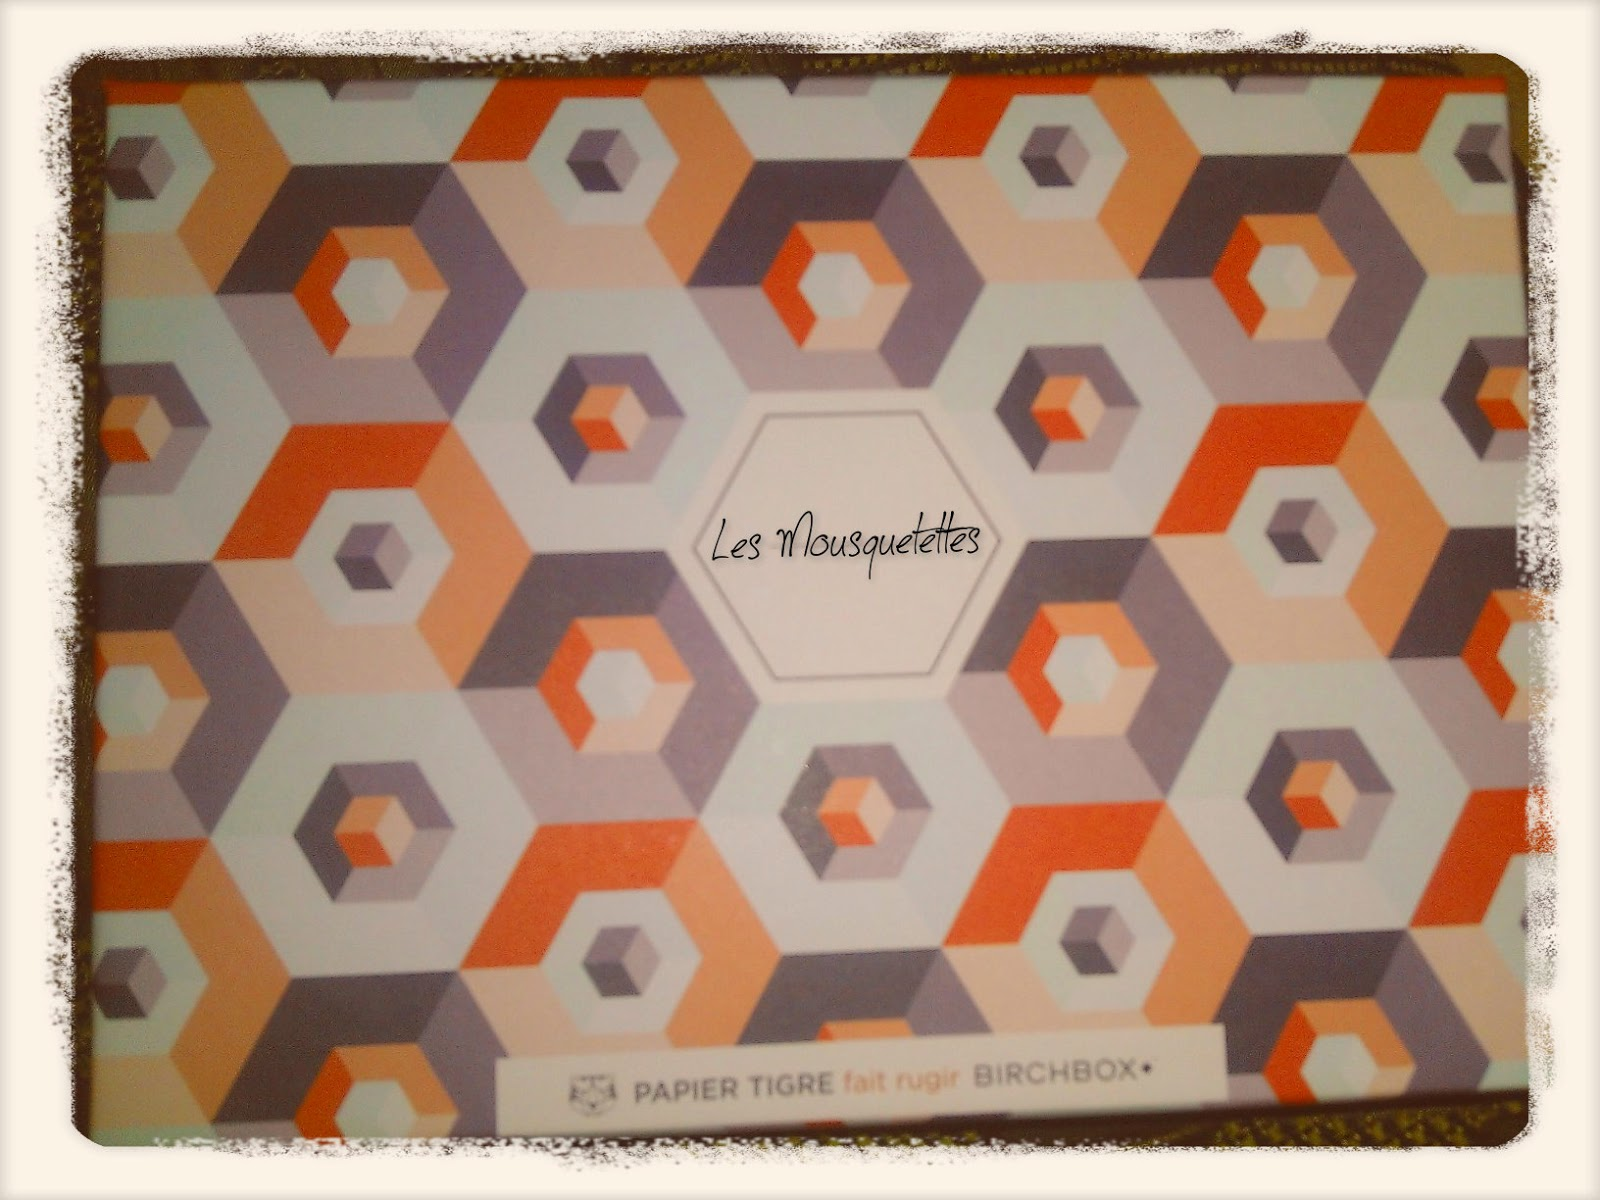 Birchbox Papier Tigre Mai 2014 - Les Mousquetettes©